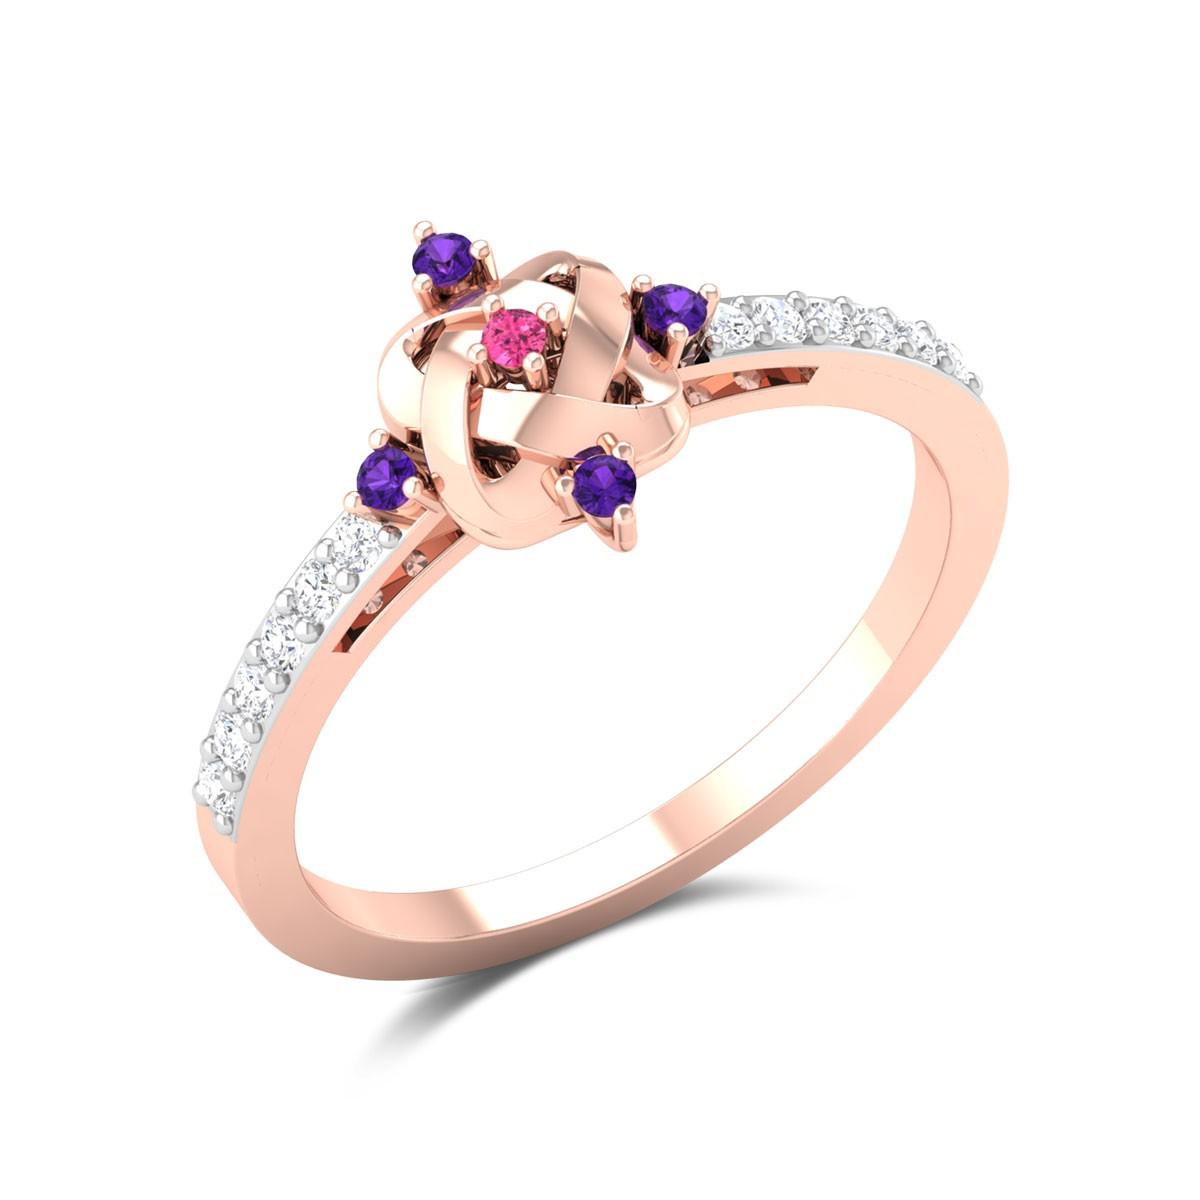 Hajeera Diamond Ring